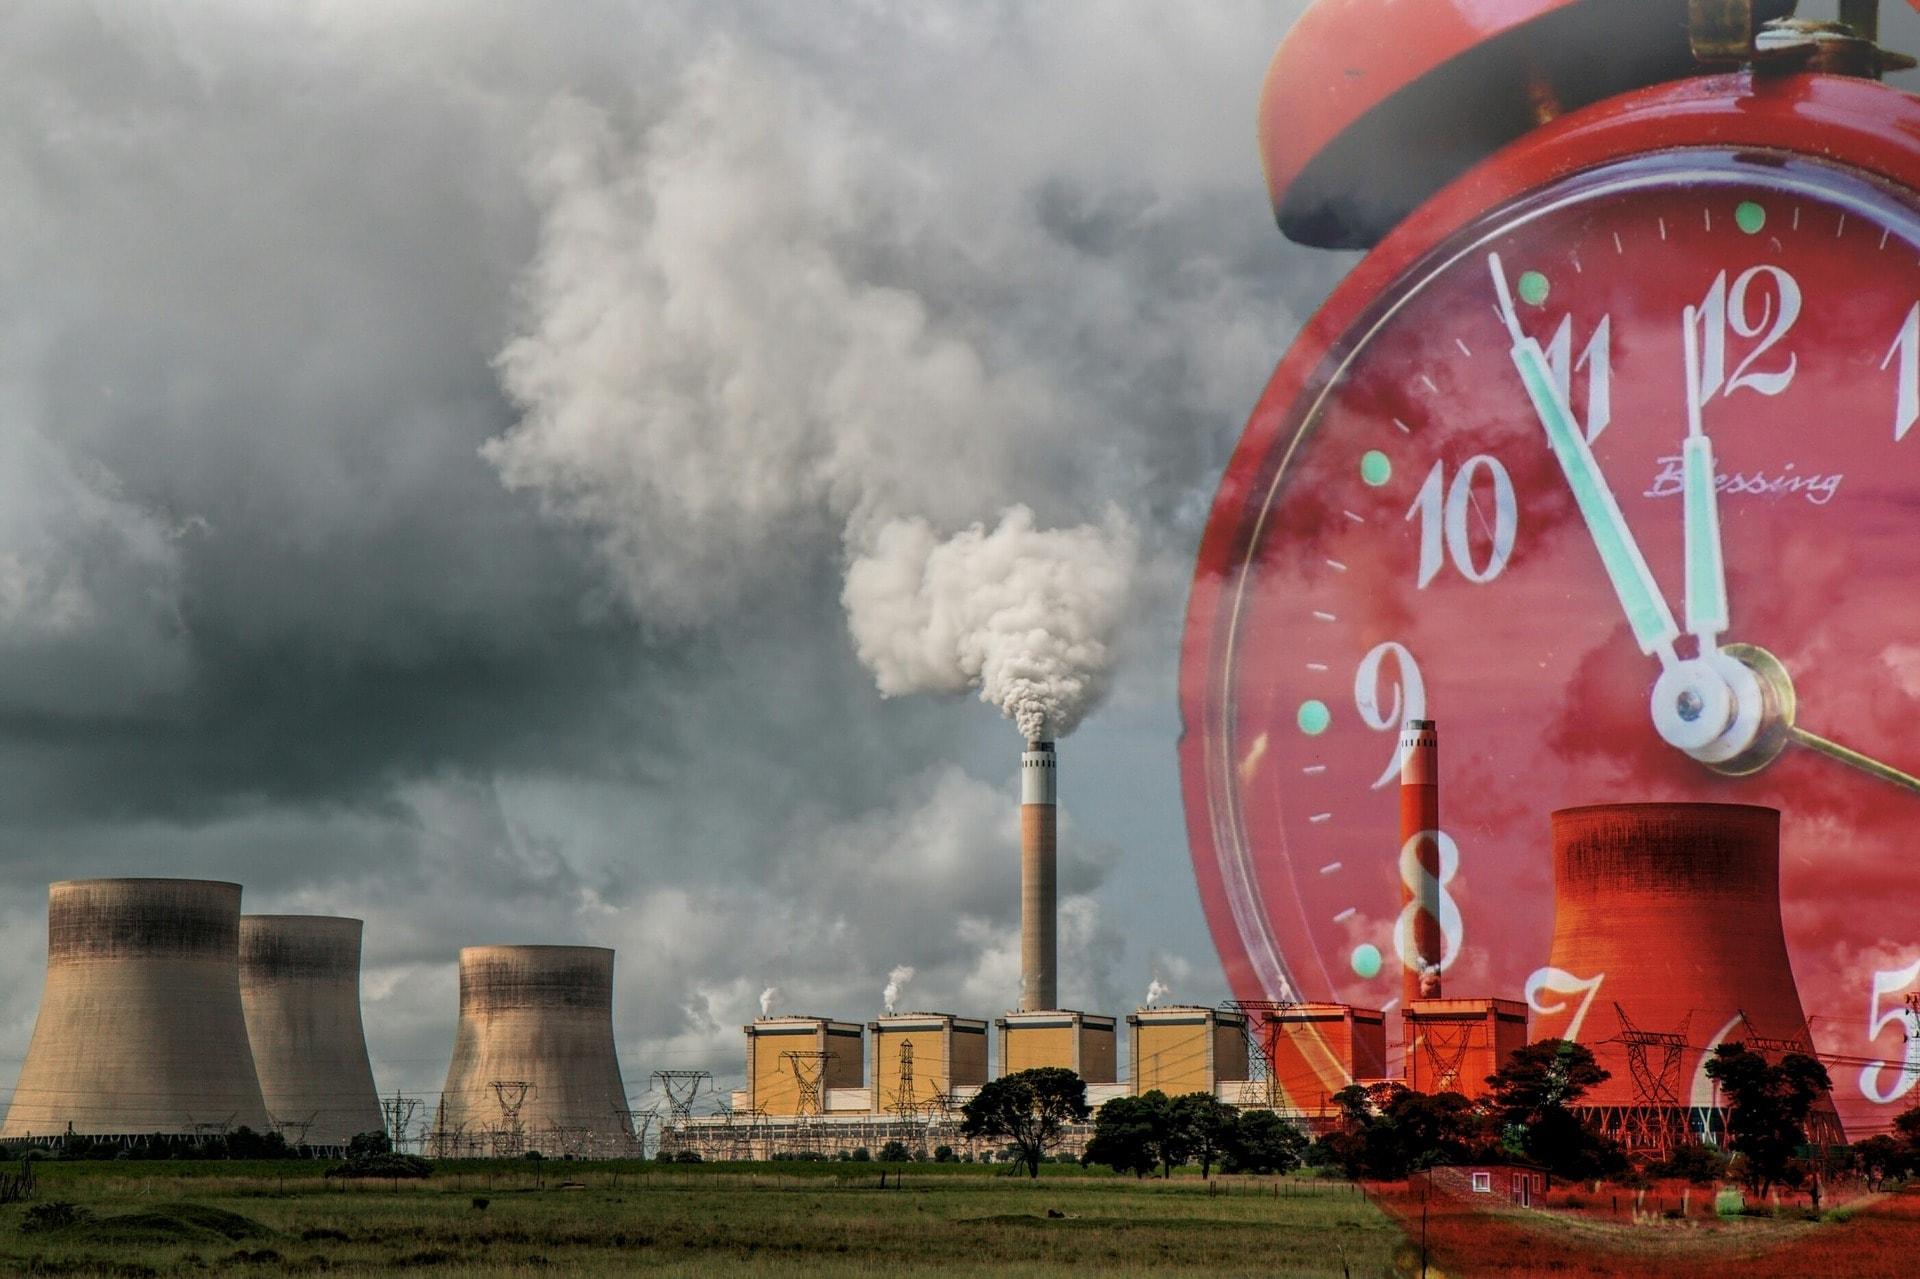 Milieutoxines veroorzaken veel gezondheidsschade